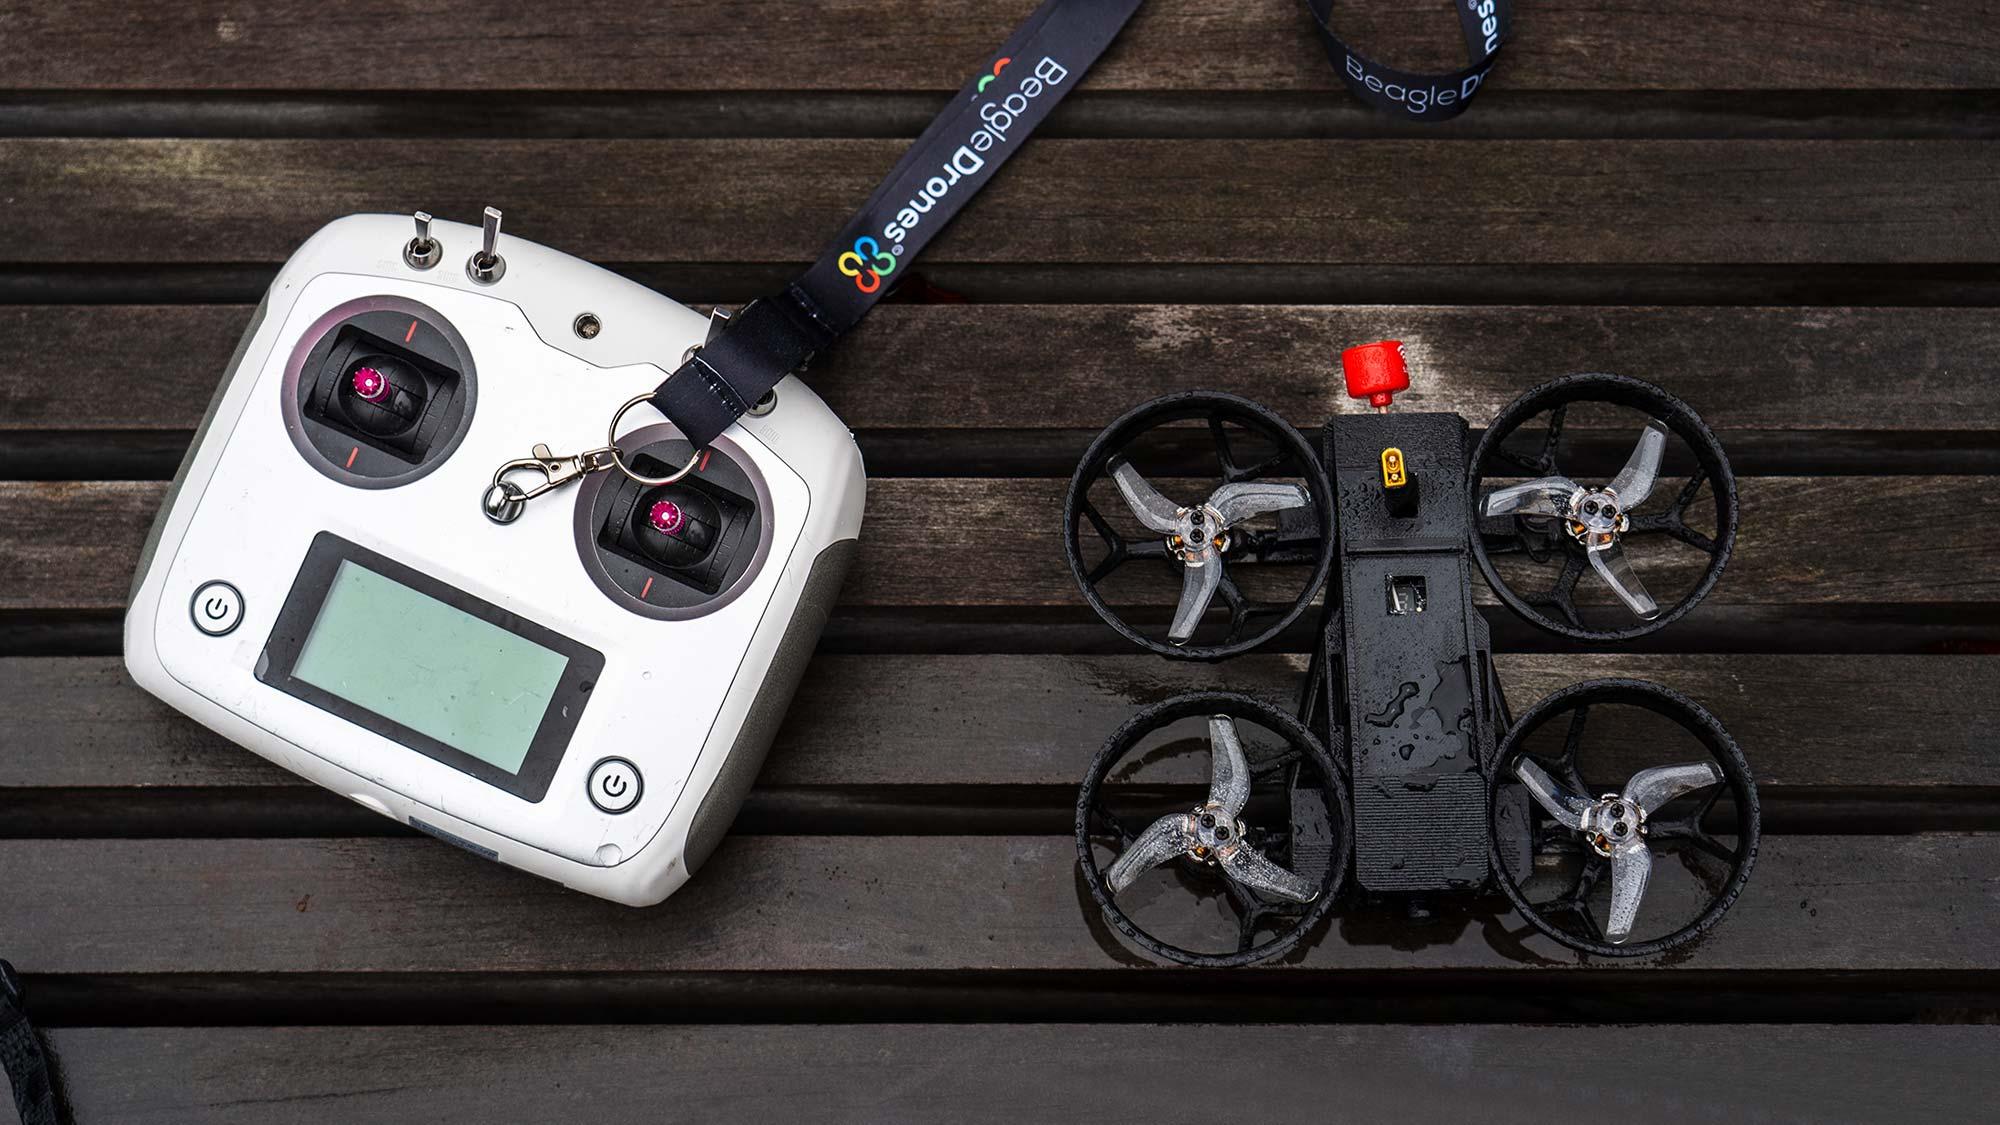 NOVA Cinematic FPV Drone by Beagle Drones